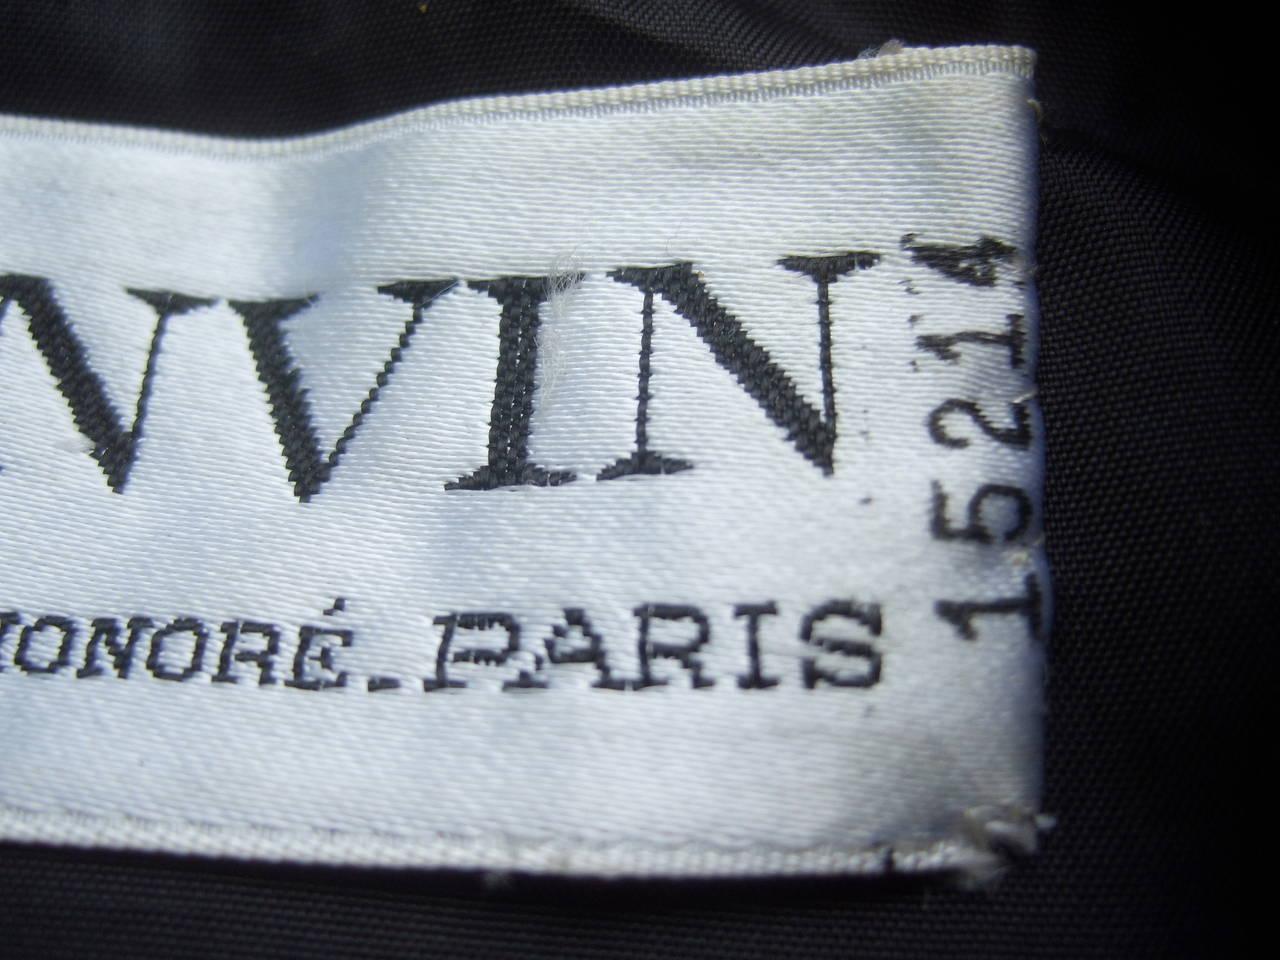 Lanvin Couture Paris Wool Jacket & Paisley Blouse Ensemble c 1980s For Sale 4